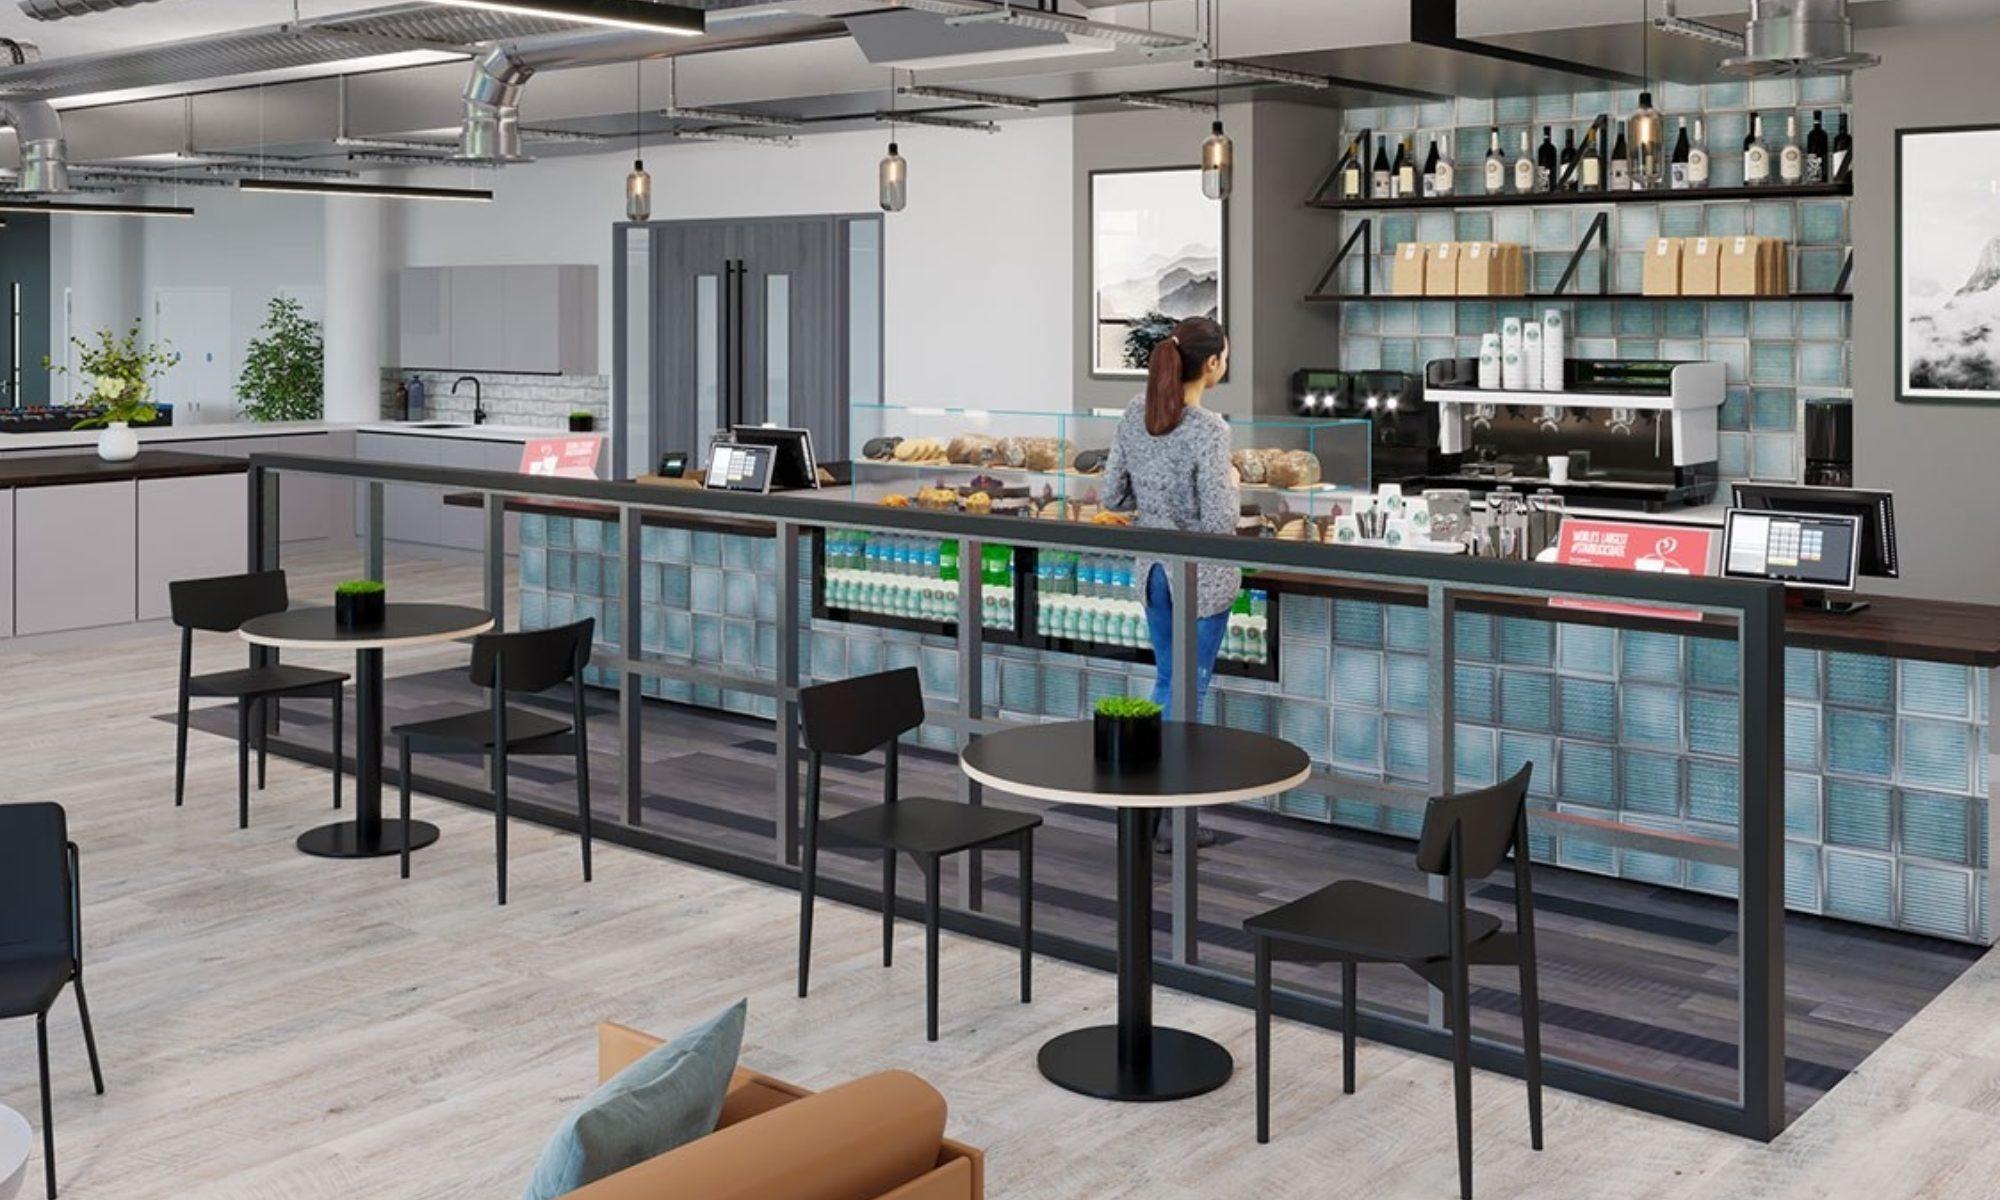 Hyundai office cafe ideas